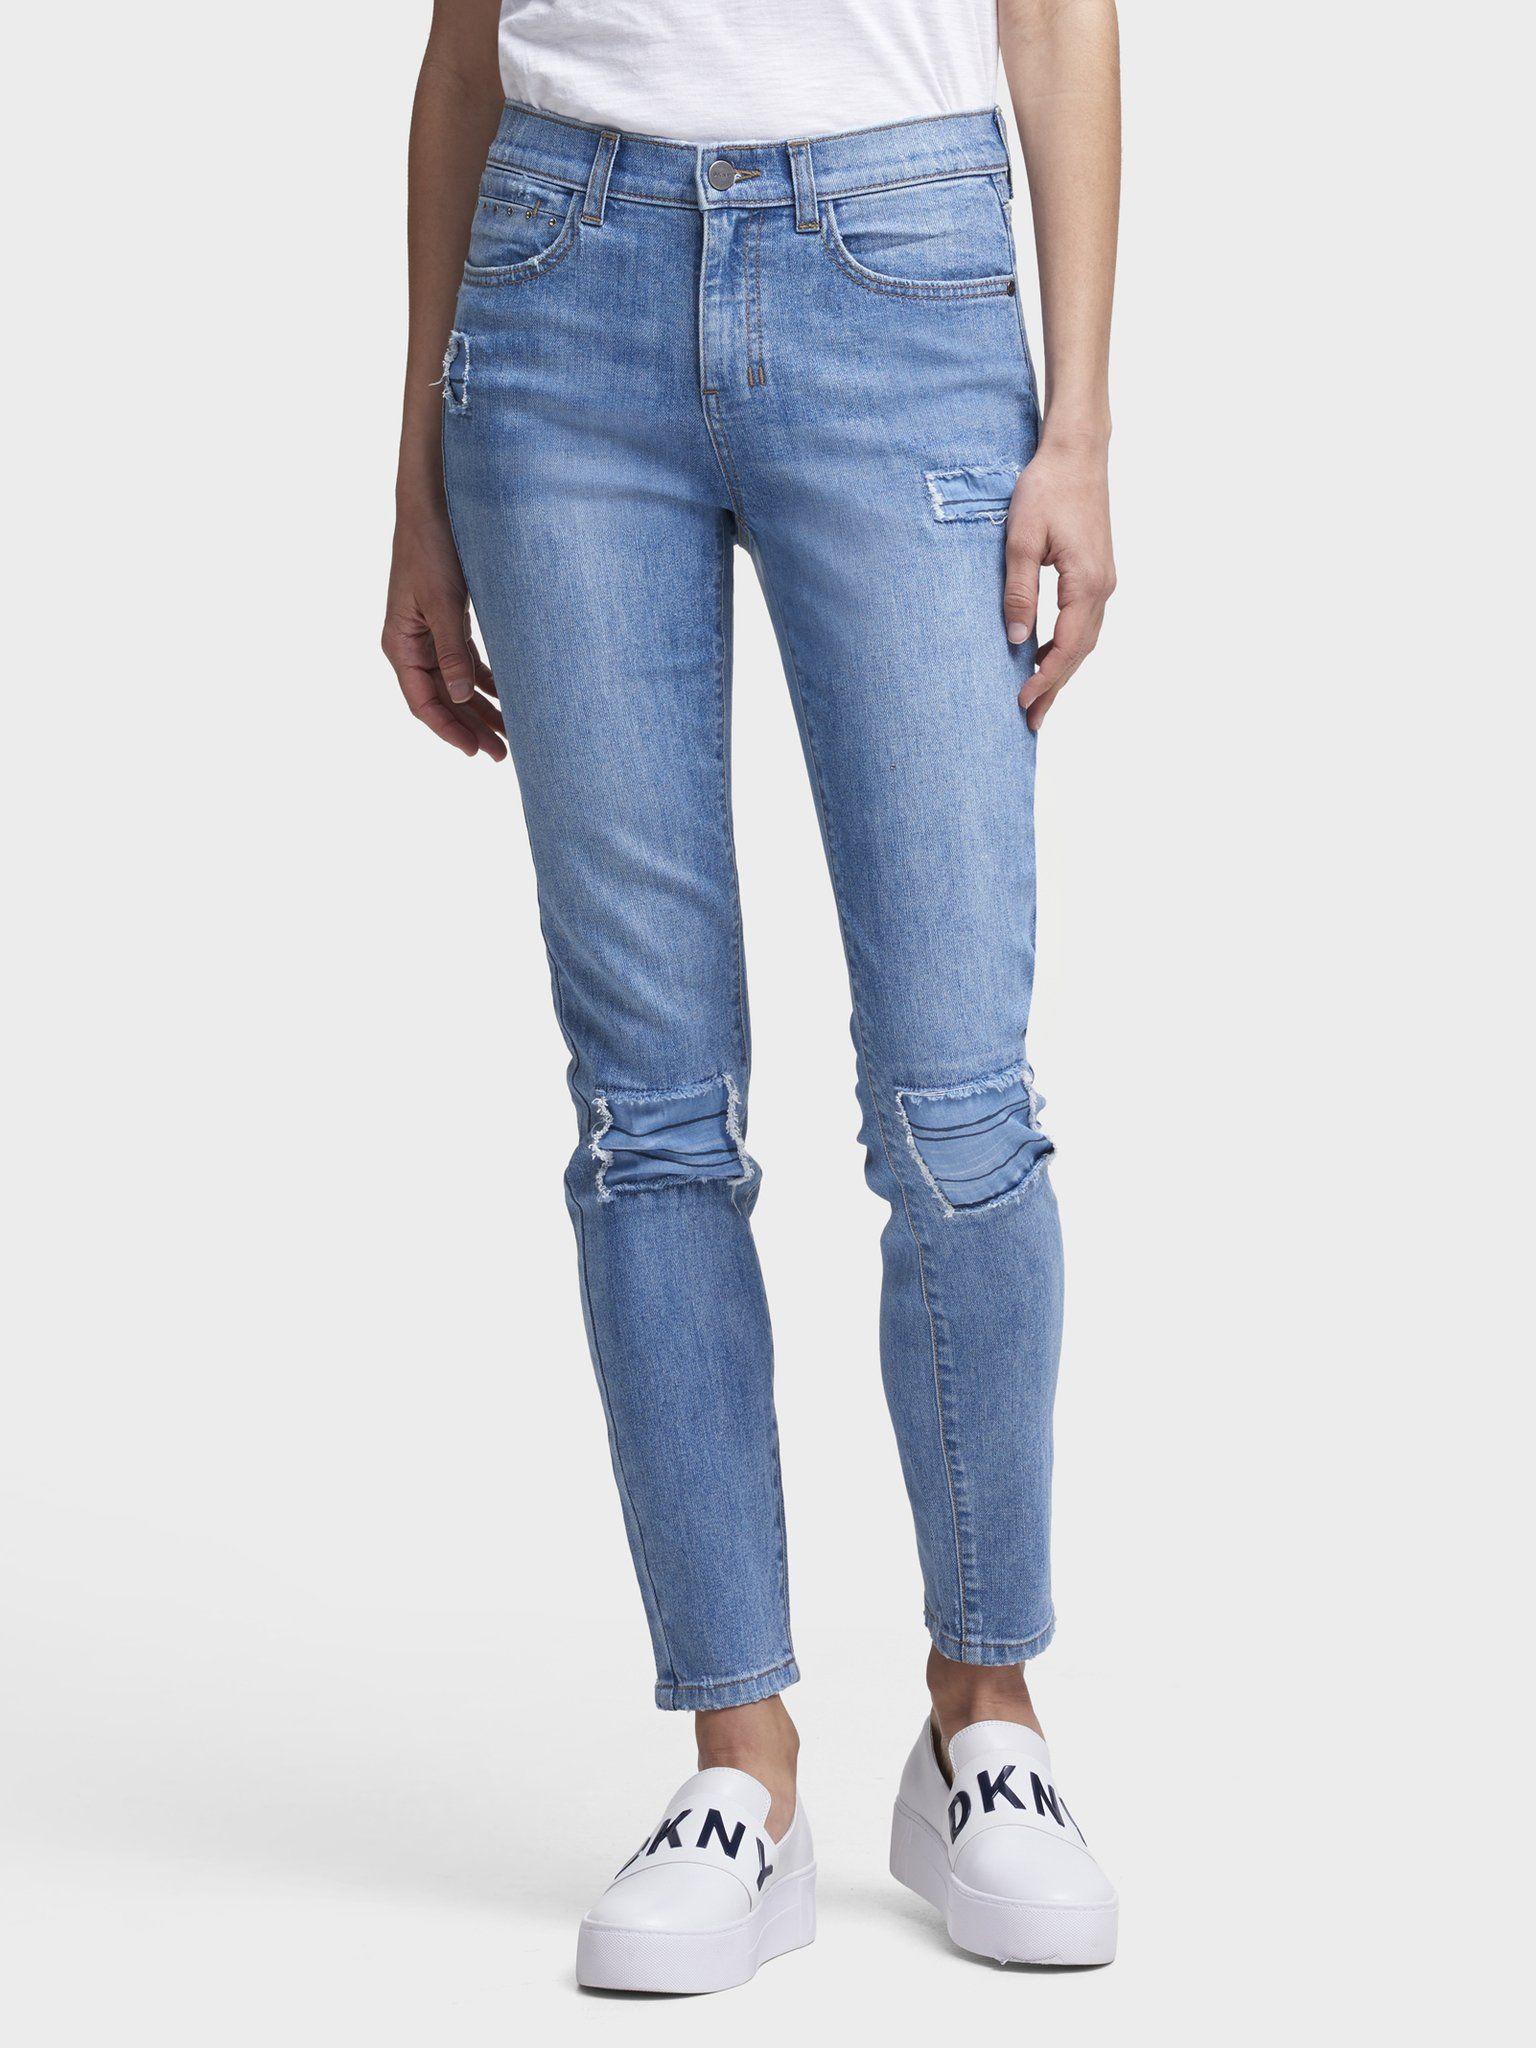 Брюки джинсовые от DKNY